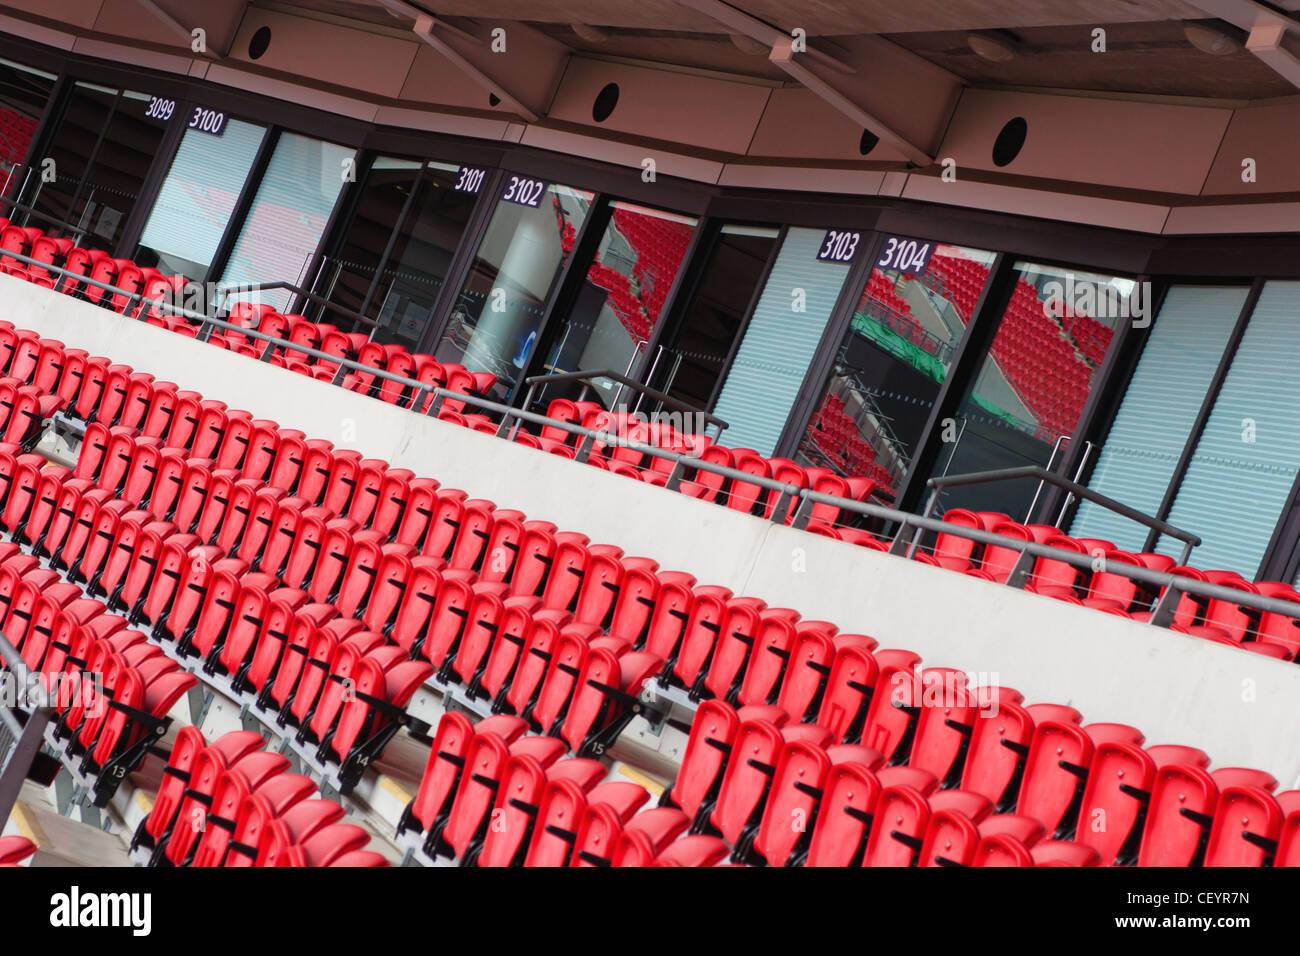 Corporate Hospitality Le caselle in uno stadio di calcio che rappresenta tutto ciò che è sbagliato con Immagini Stock